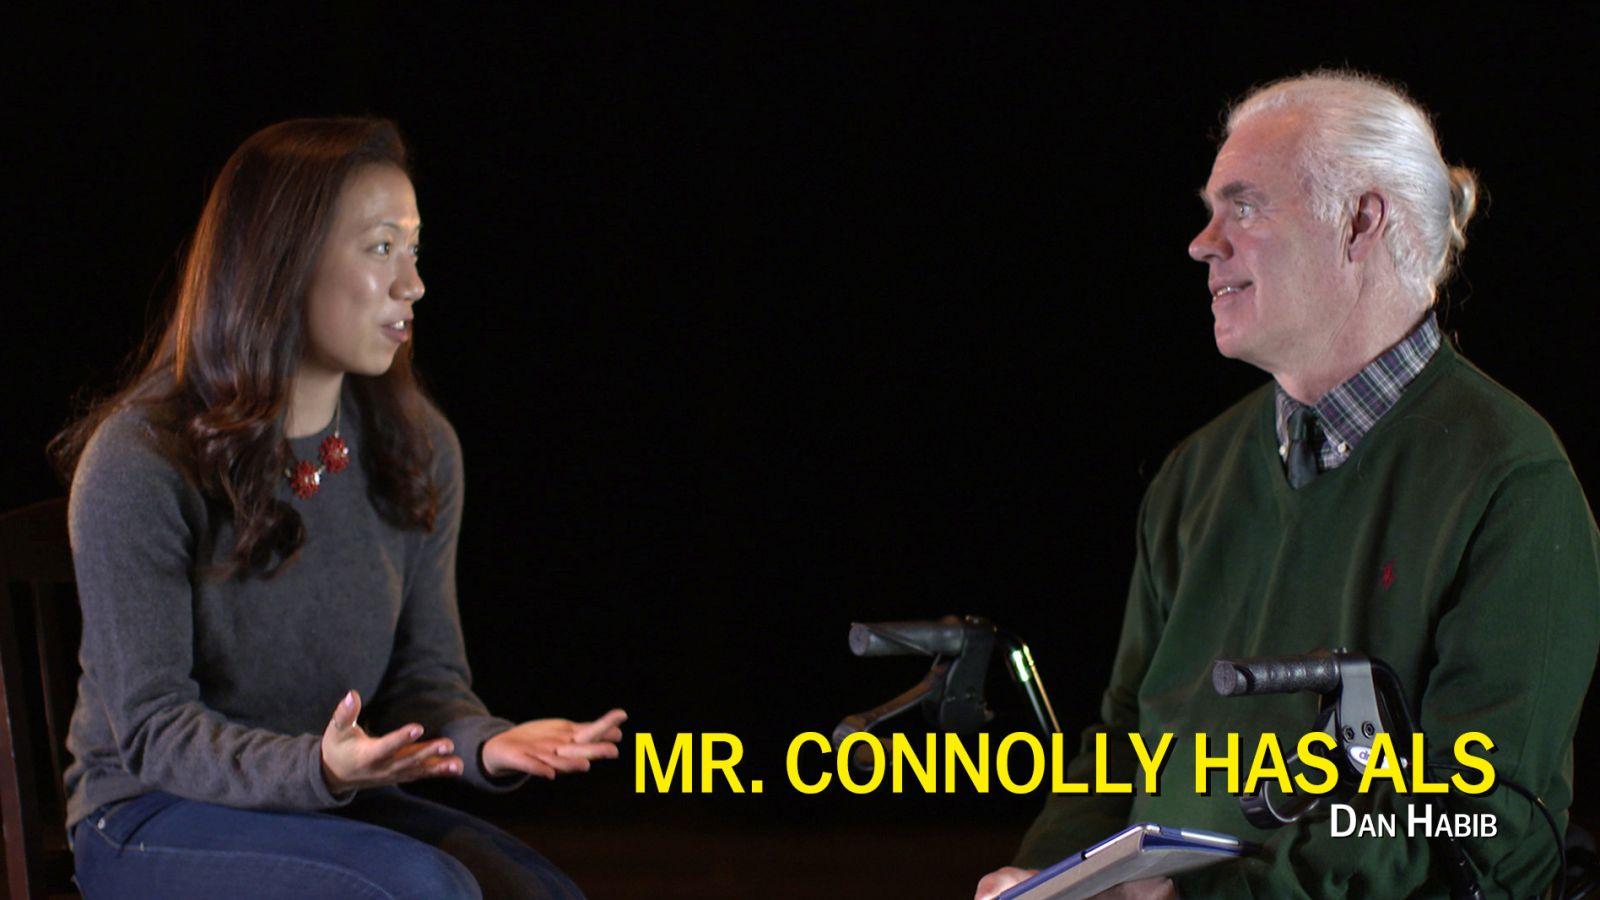 Mr Connolly has als, Dan Habib